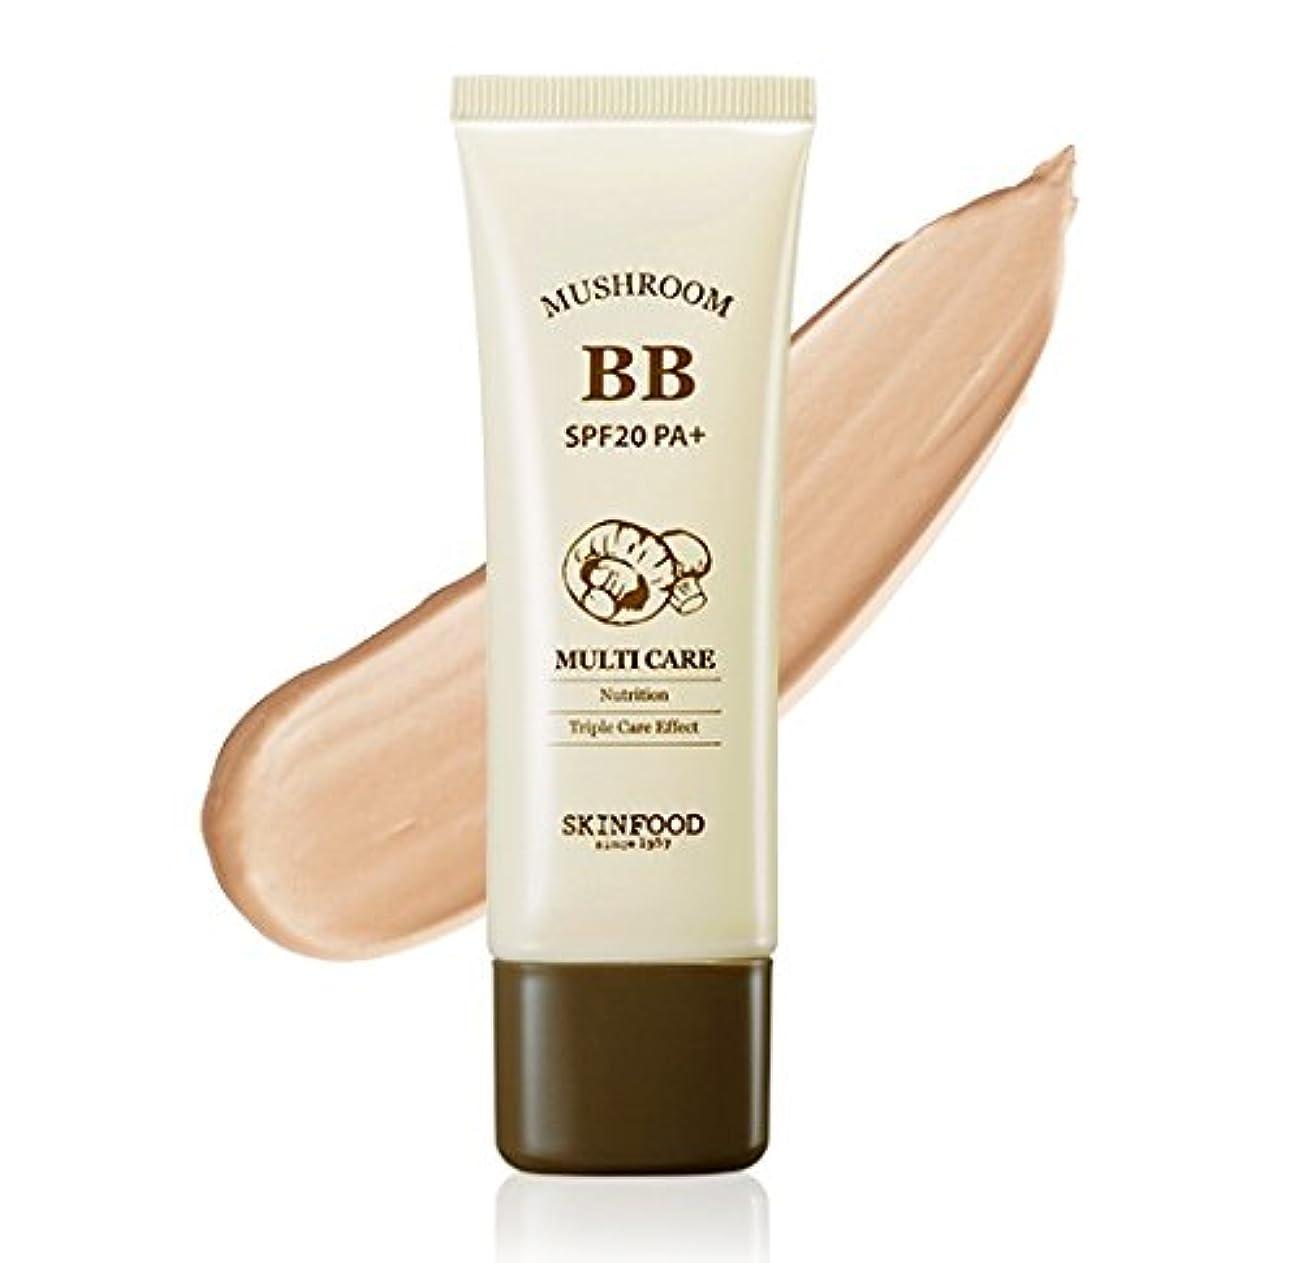 のホスト可能にするリネン#Bright skin SKINFOOD Mushroom Multi Care BB Cream スキンフード マッシュルーム マルチケア BB cream クリーム SPF20 PA+ [並行輸入品]